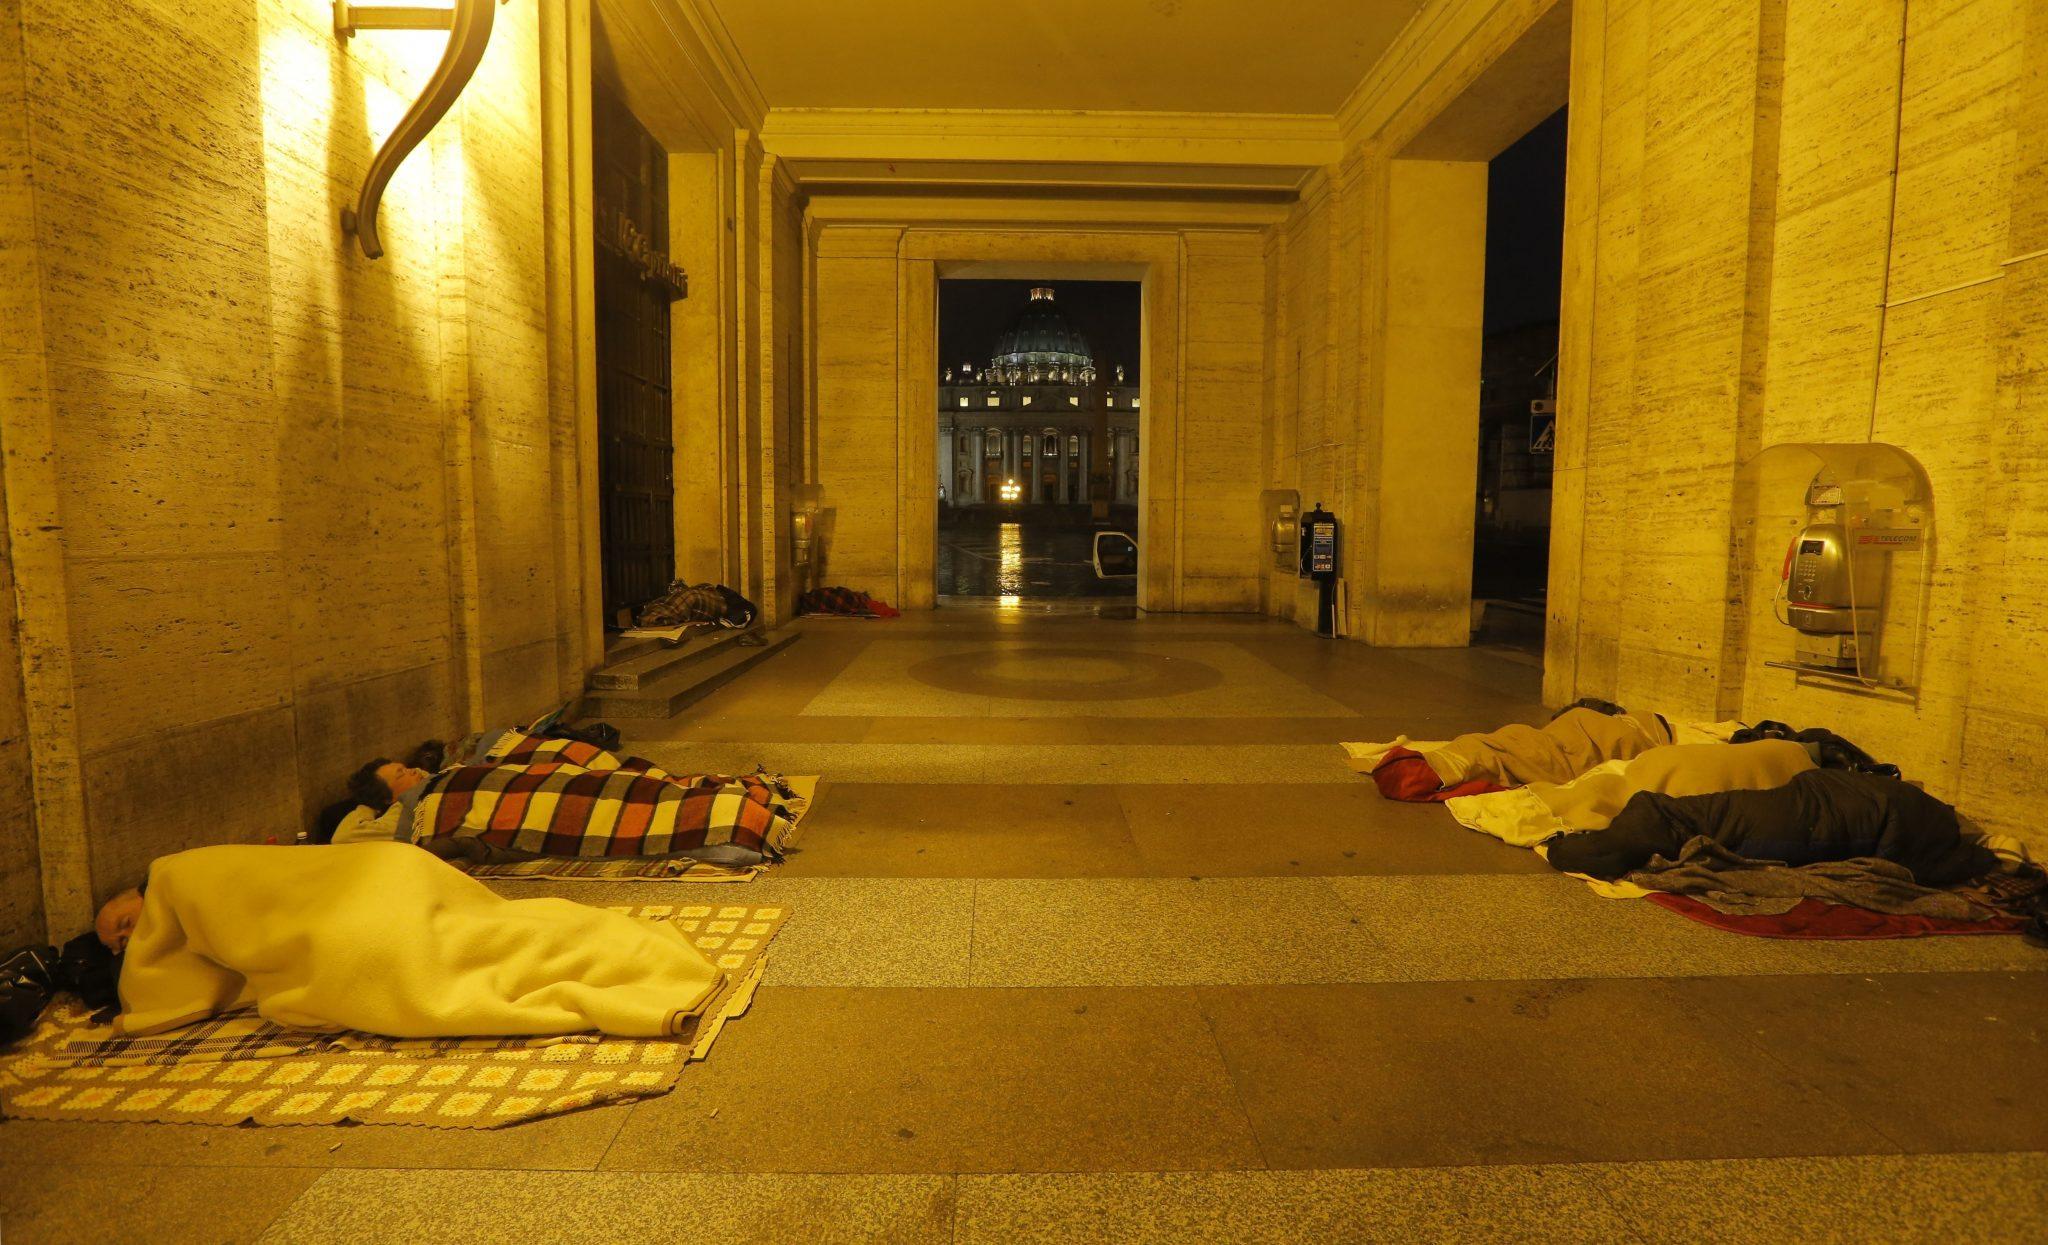 Pápai autók nyújtanak védelmet a hideg ellen a római hajléktalanoknak